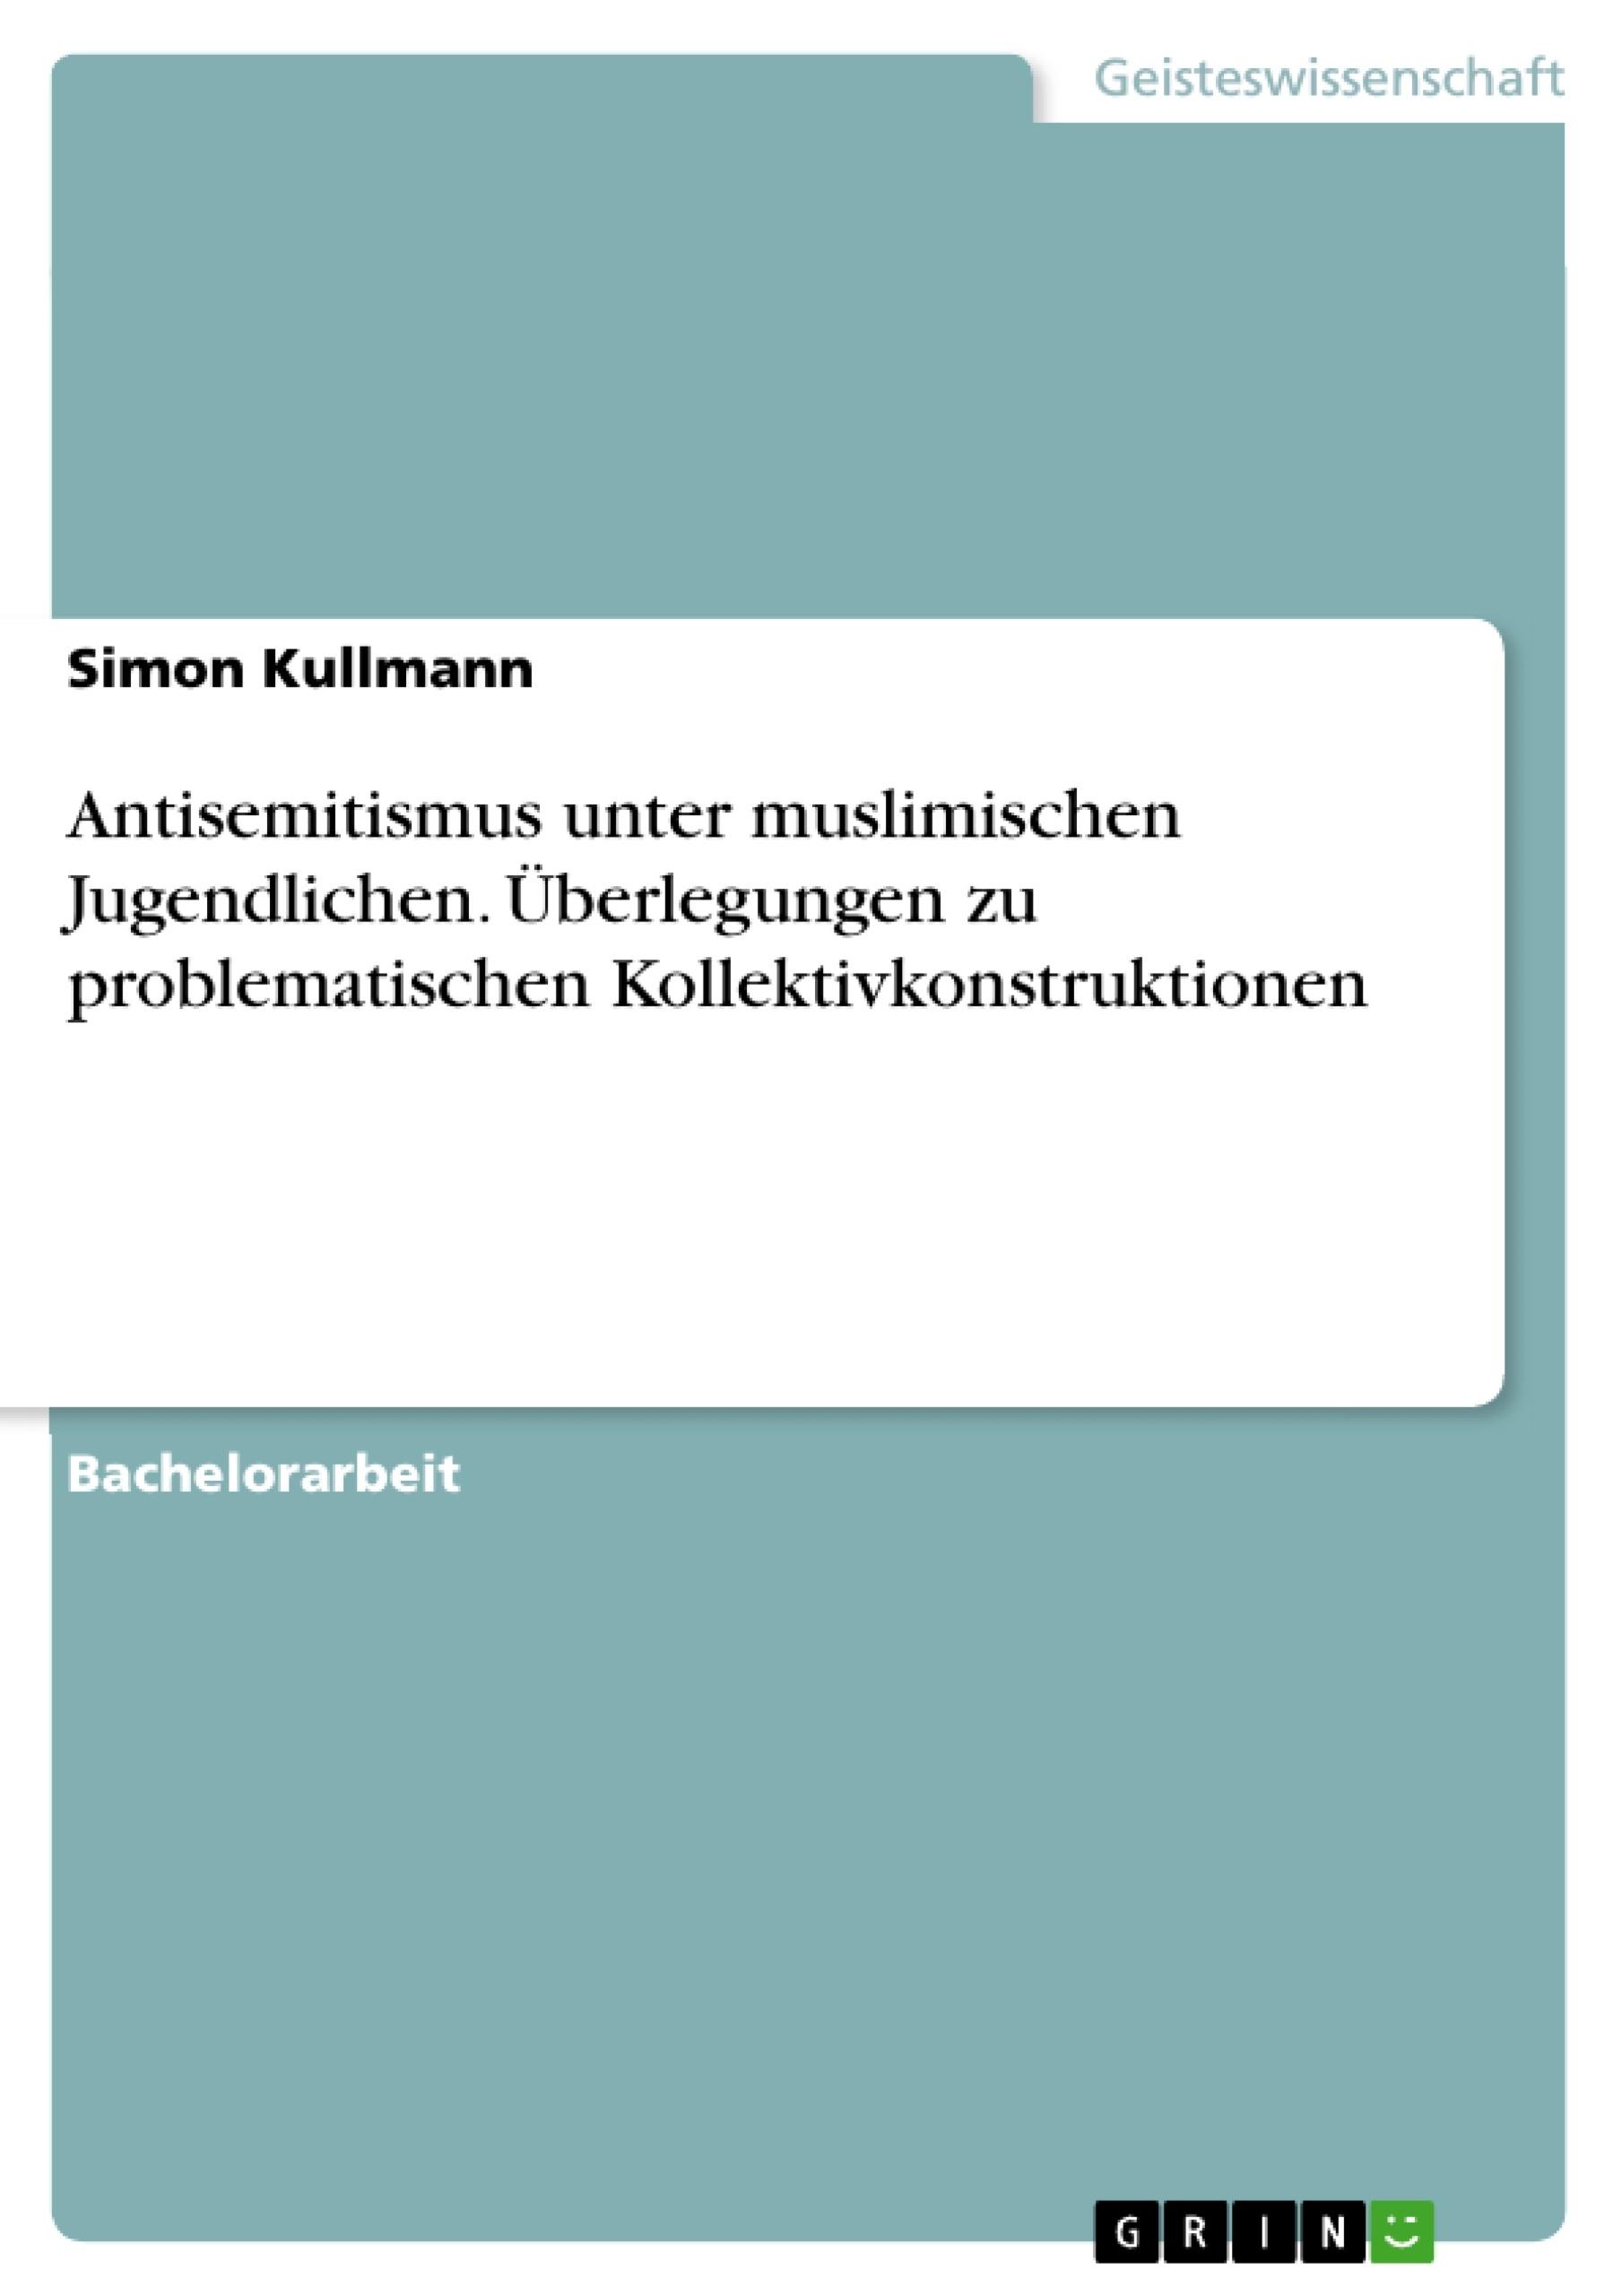 Titel: Antisemitismus unter muslimischen Jugendlichen. Überlegungen zu problematischen Kollektivkonstruktionen